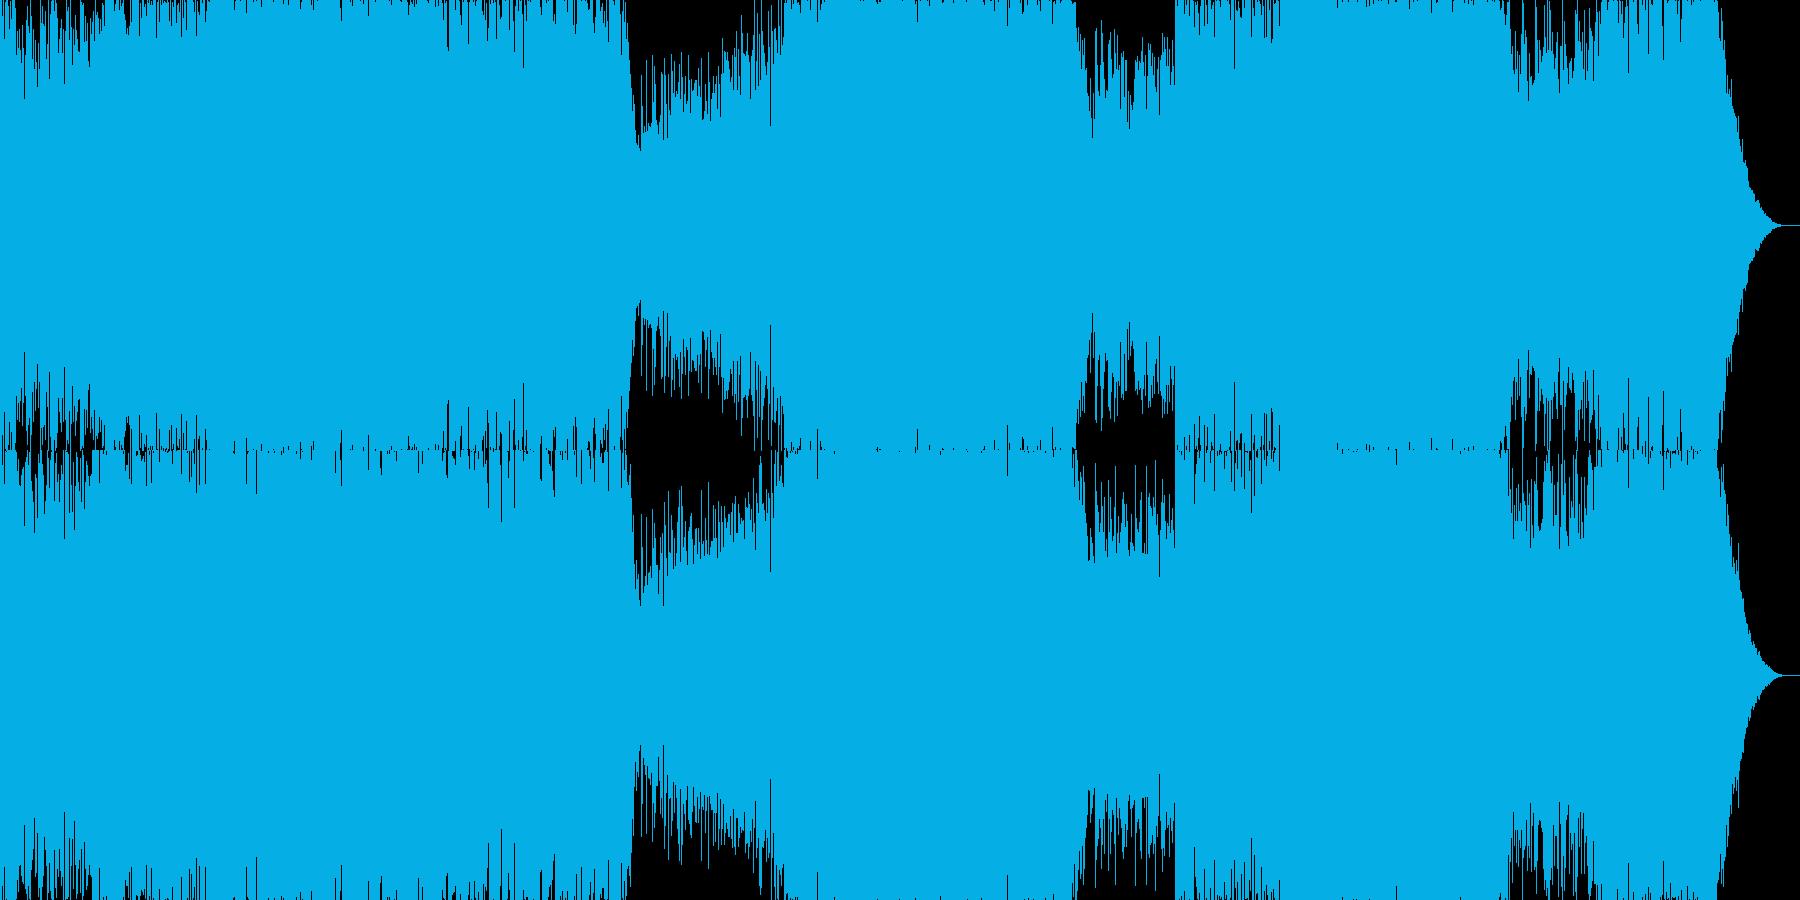 ピアノがメインのドラムンベースの再生済みの波形